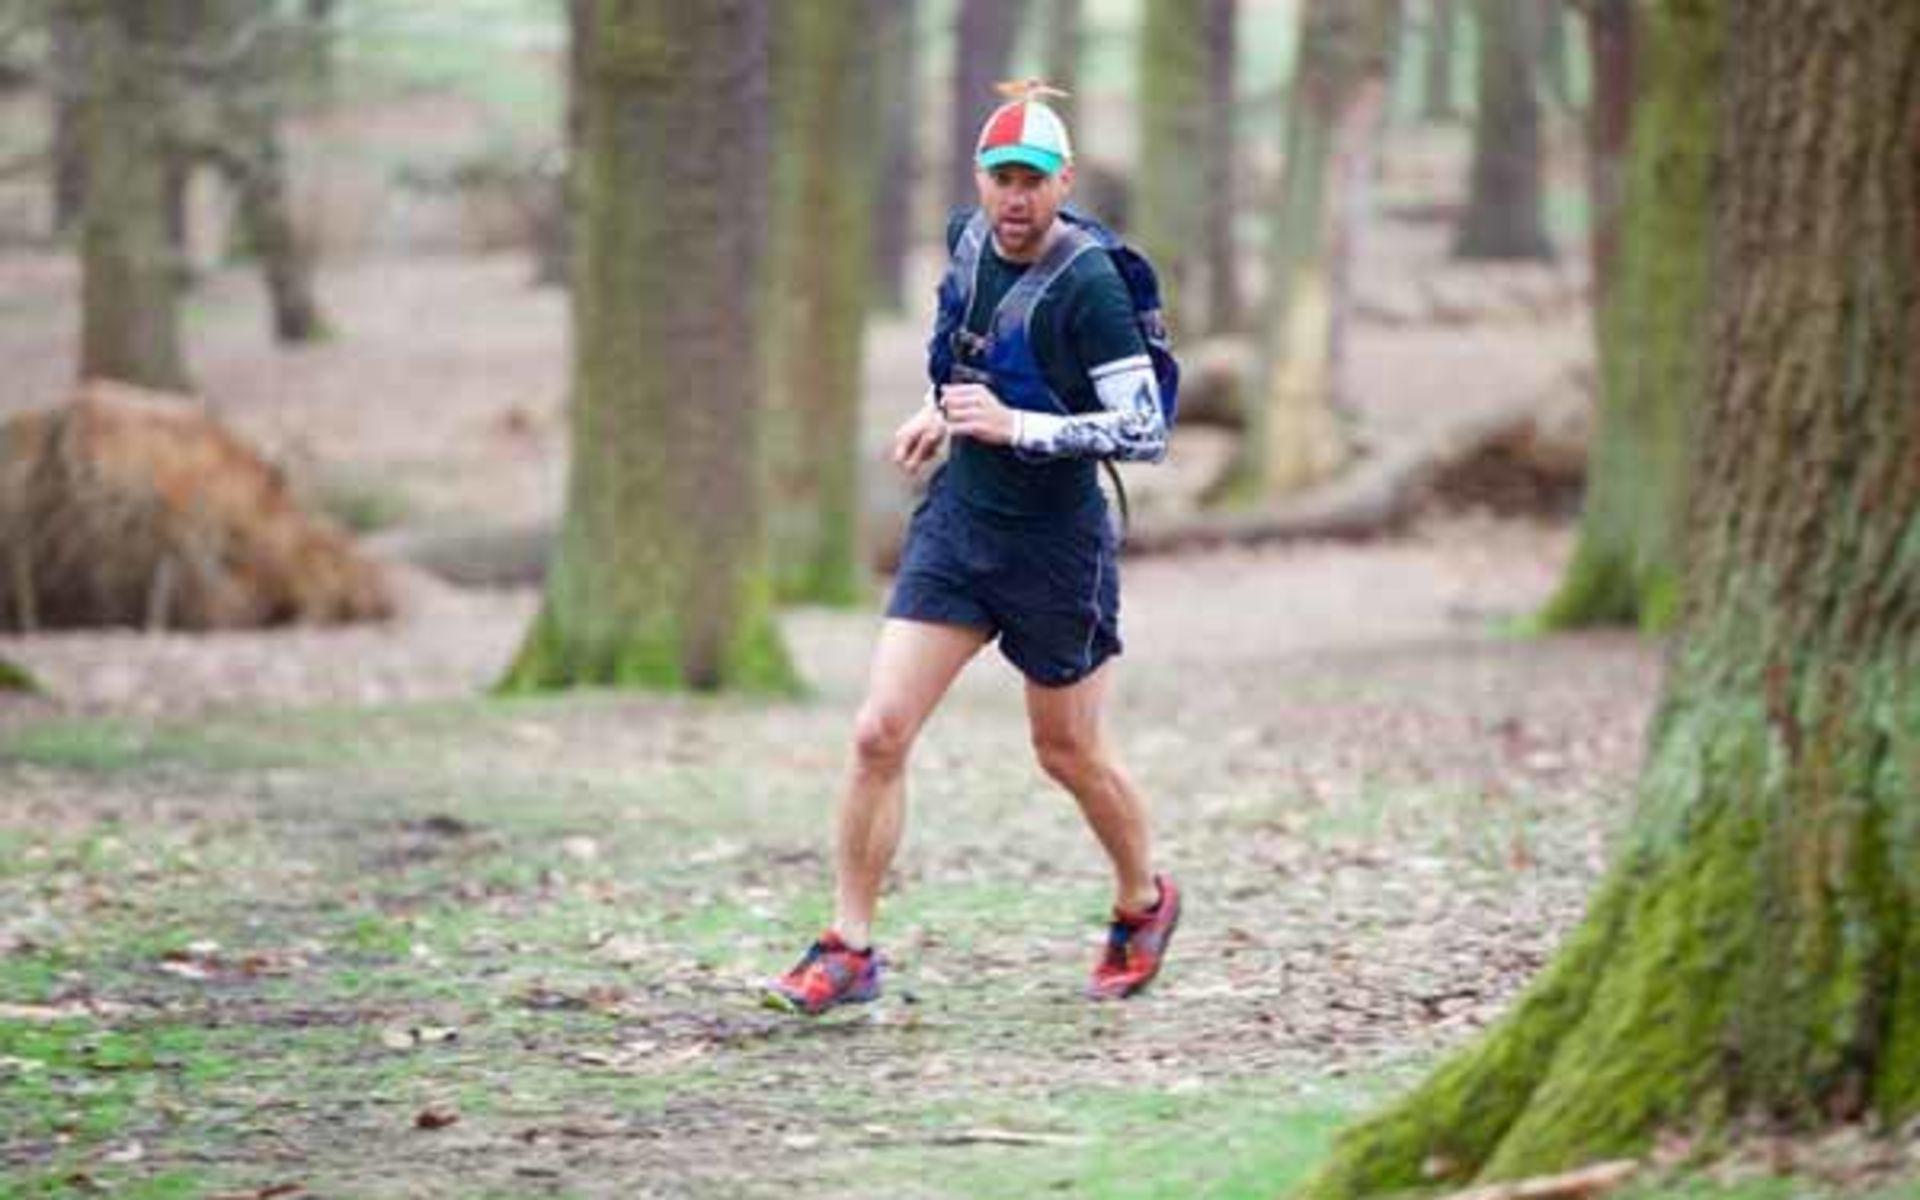 https://etchrock.com/Luke Tyburski – The Ultimate Triathlon